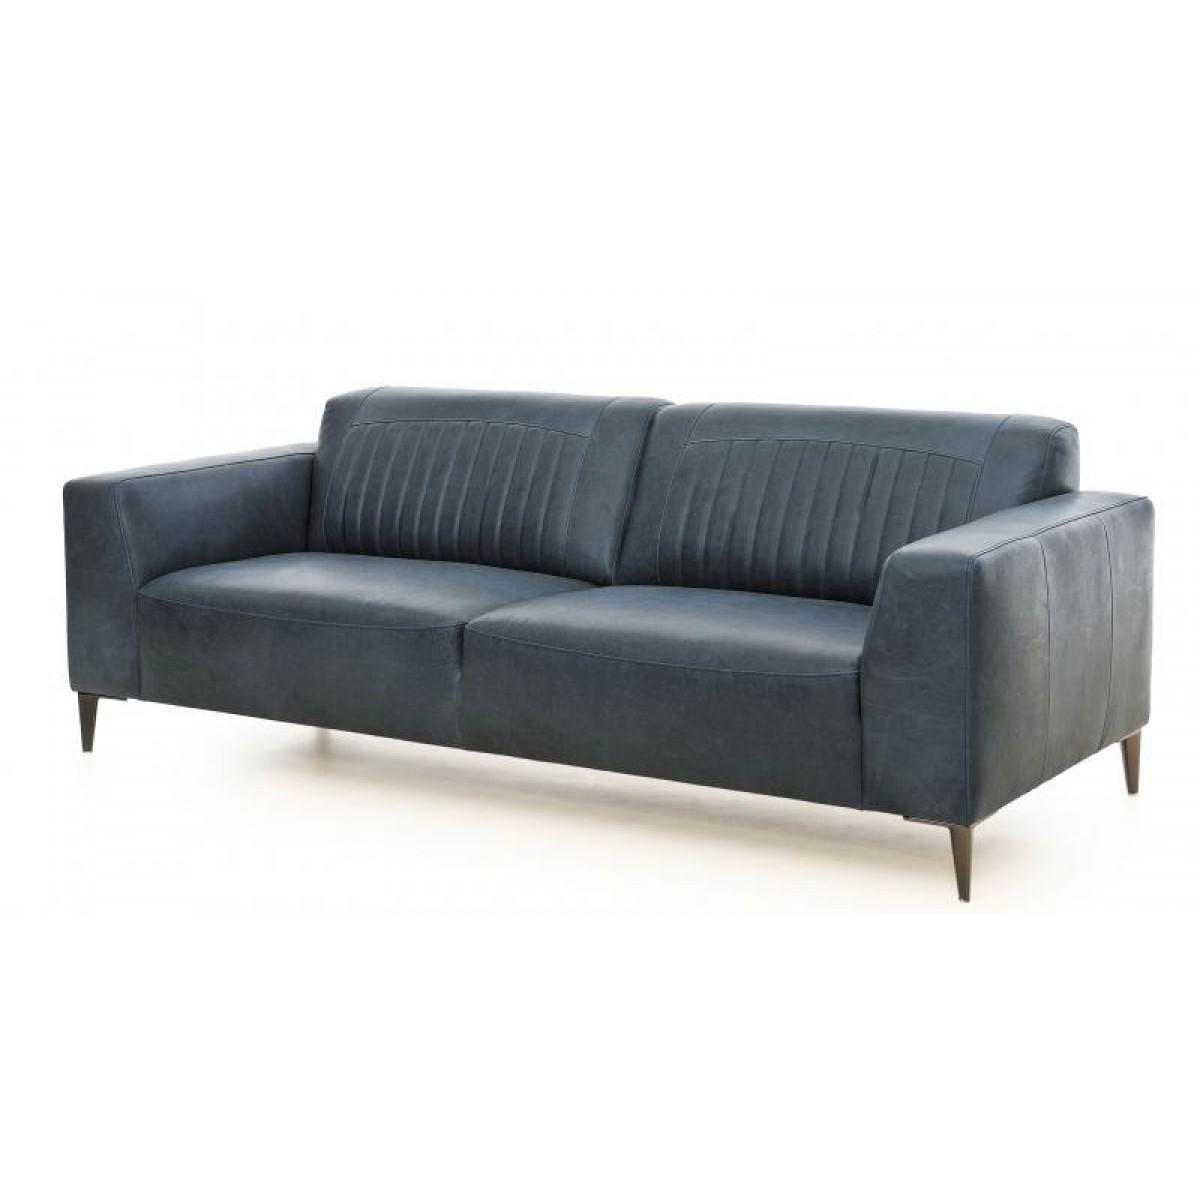 aspen-design-bank-het-anker-l60-leer-eco-colorado-africa-blauw-schuin